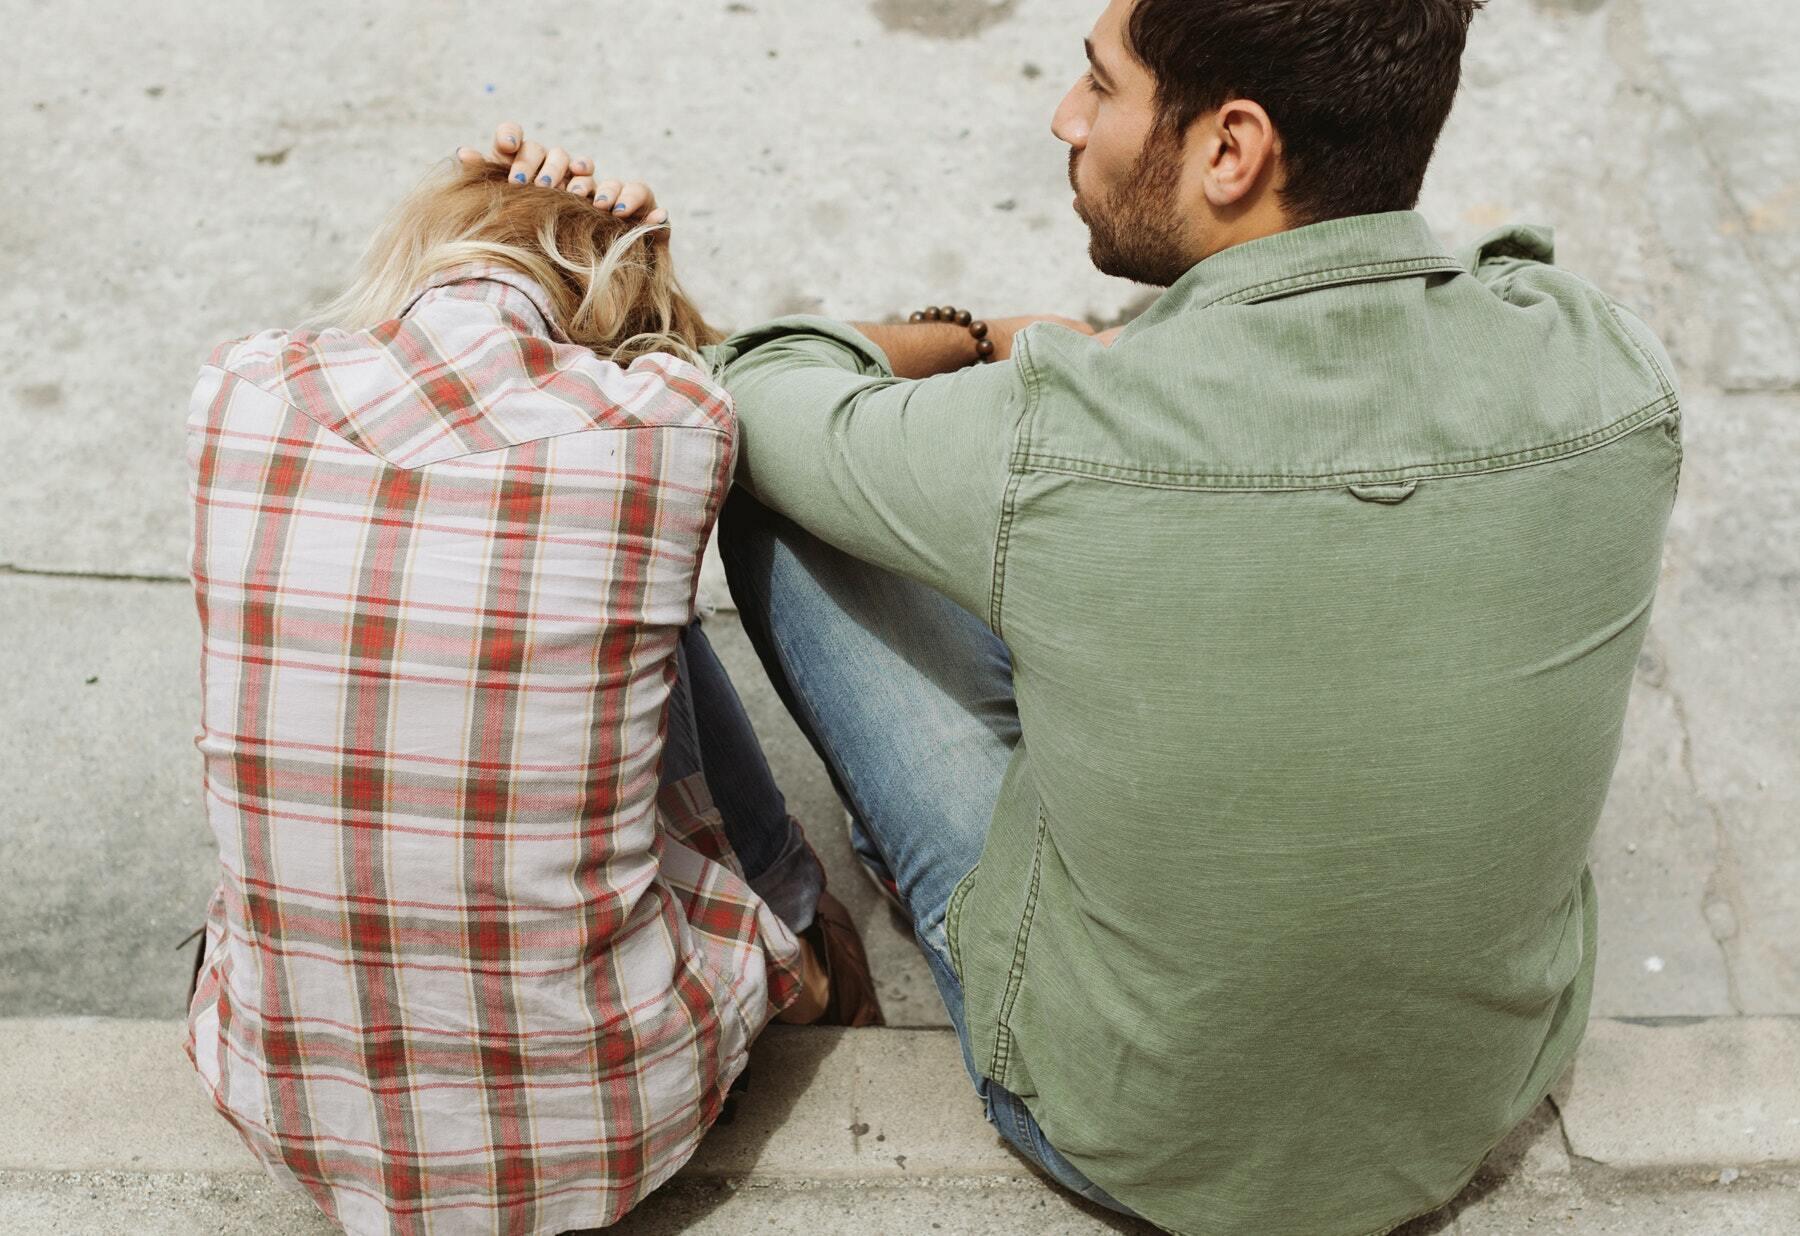 """Коли пара не може прийняти якісь """"нові"""" якості свого партнера, то ухвалює спільне рішення розлучитися"""